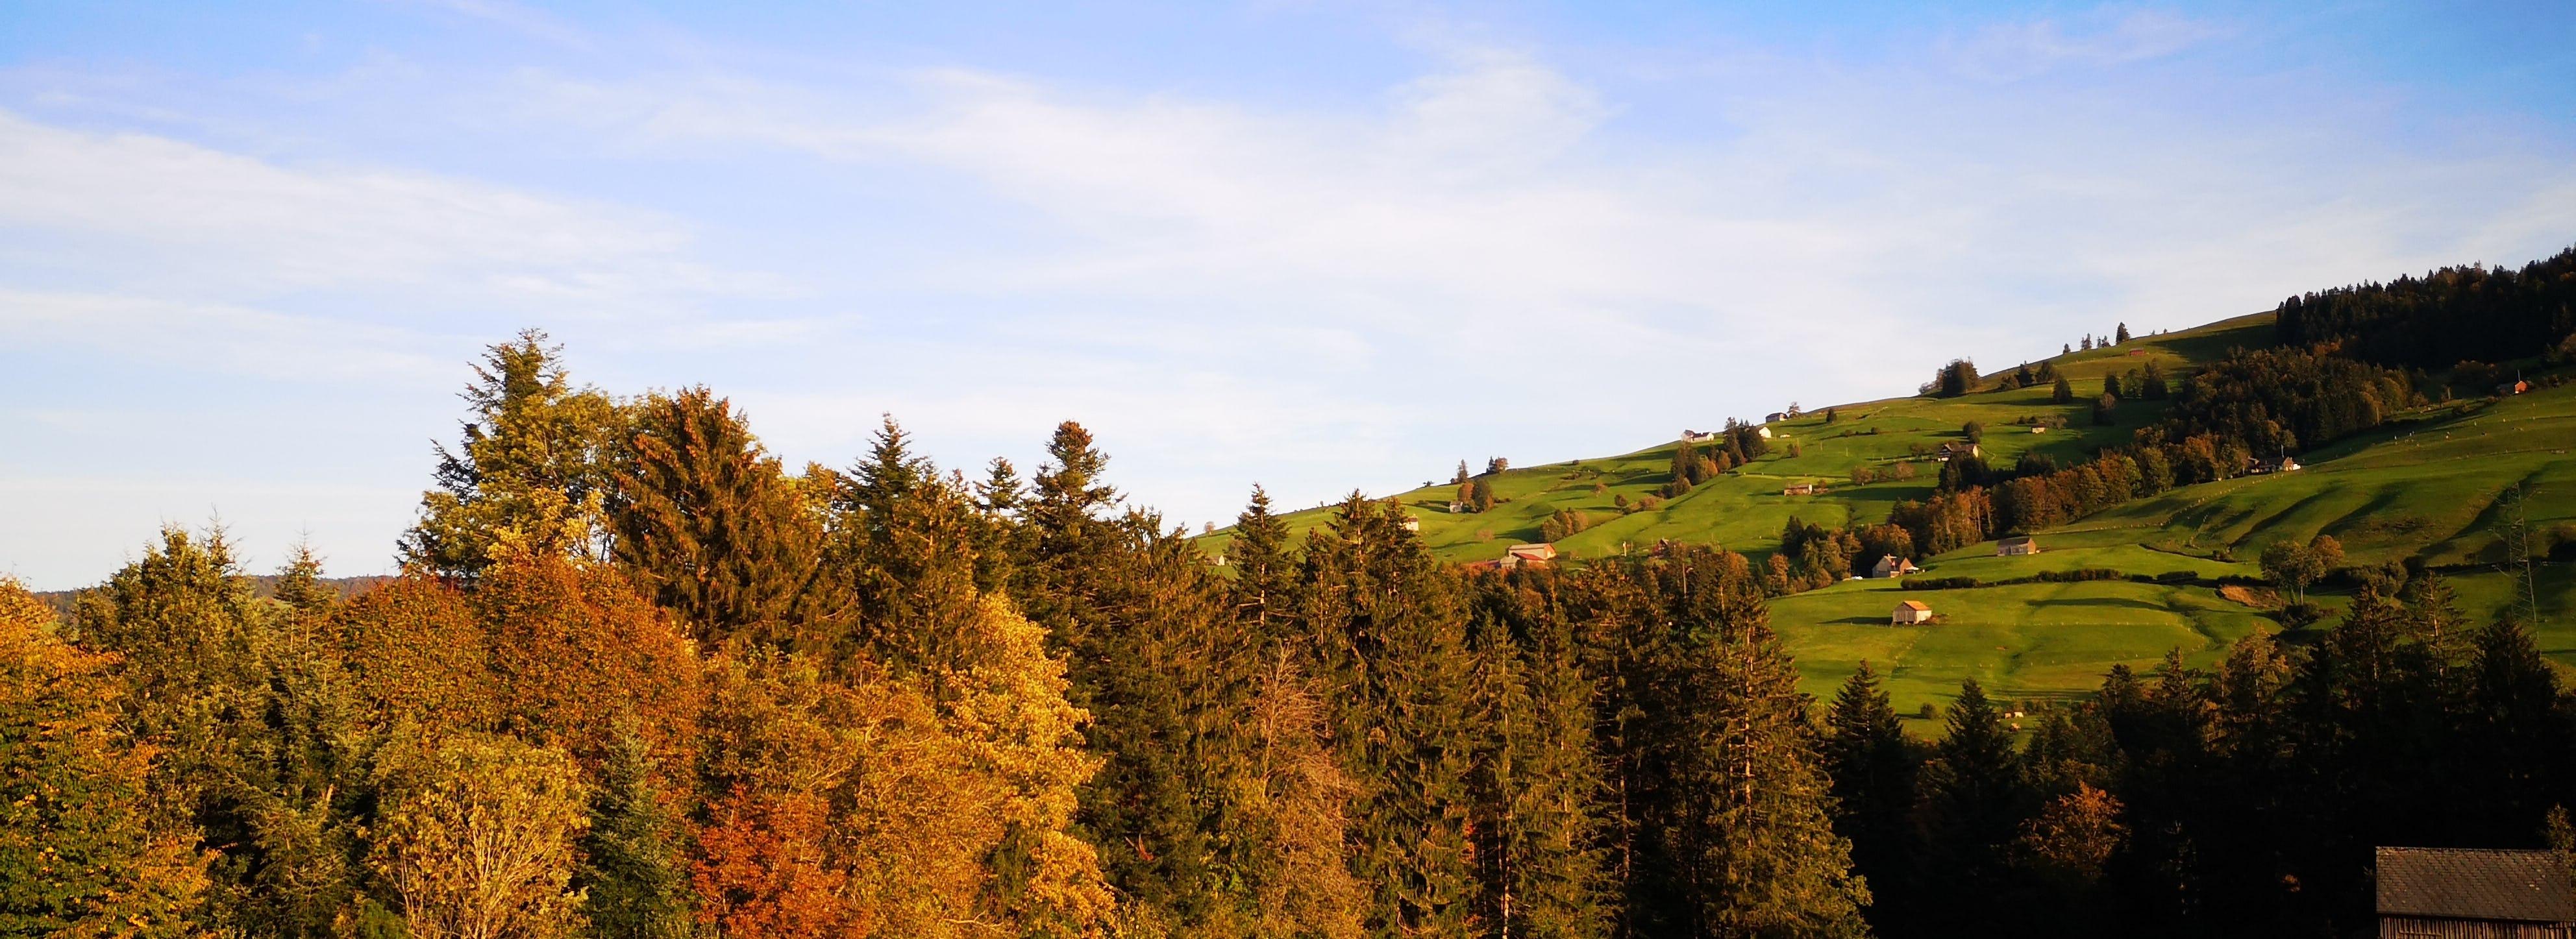 Herbstwälder Tagesreise